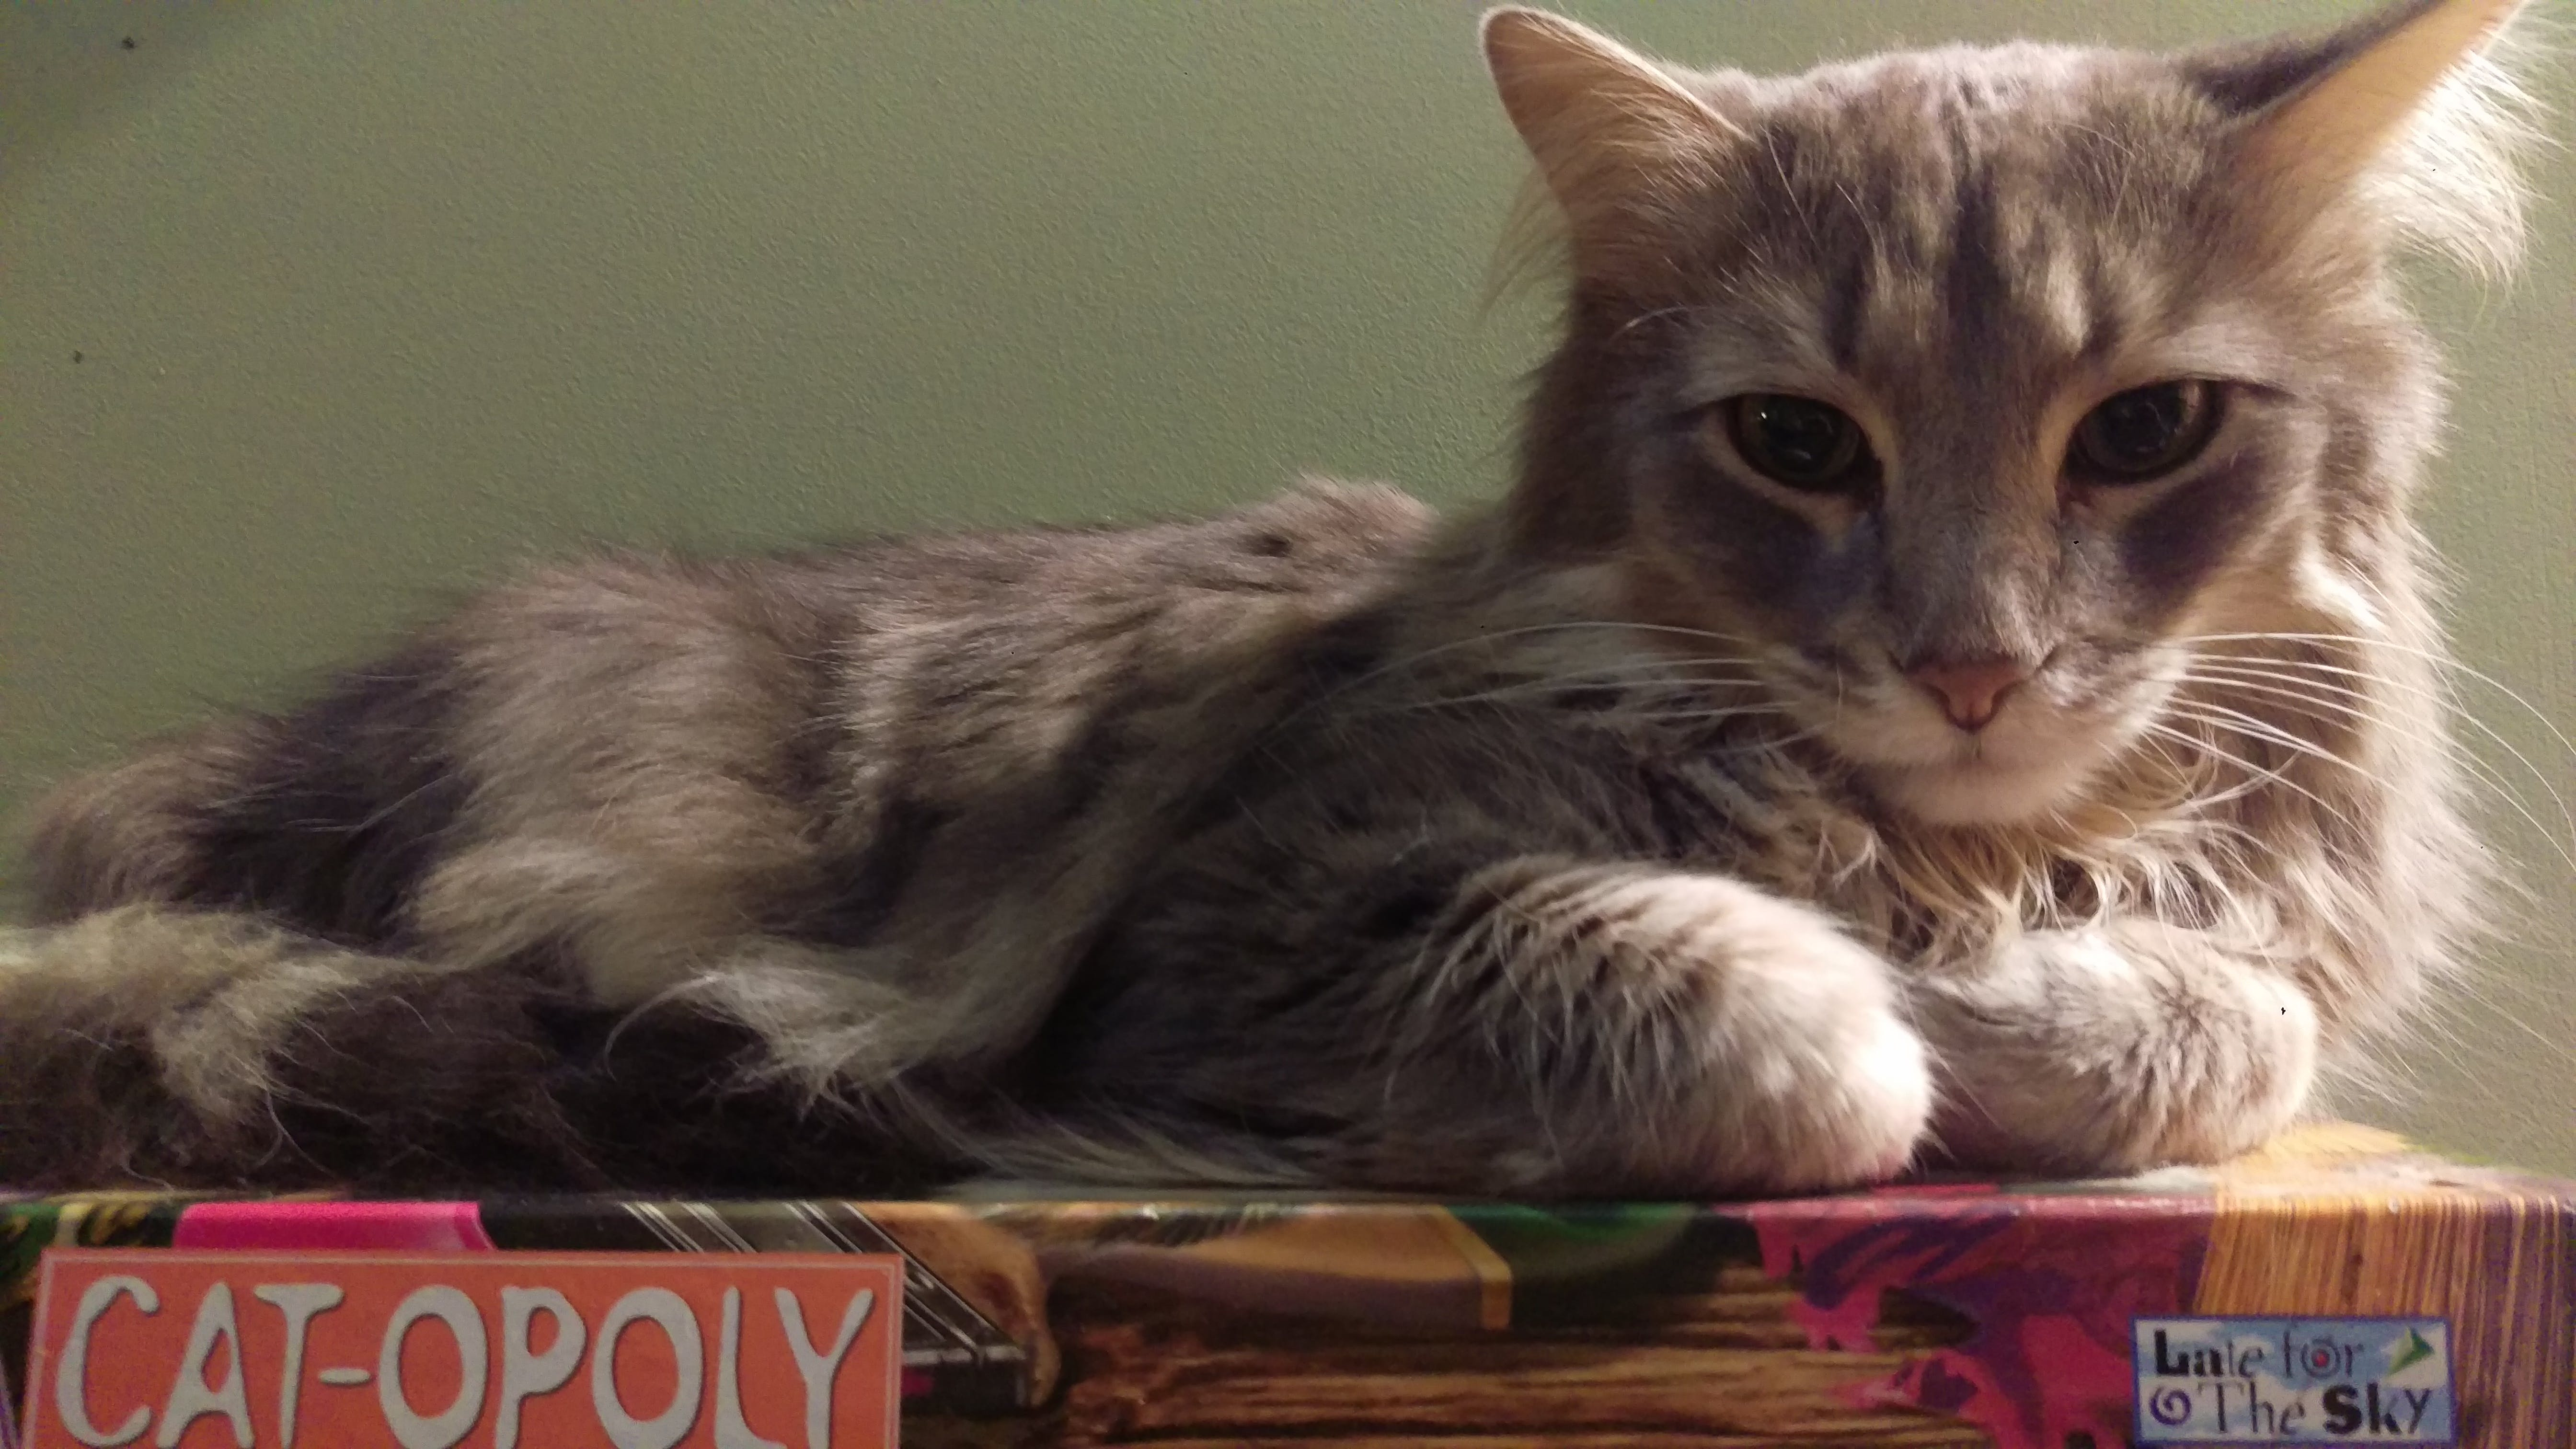 カトポリ, ゲーム, ネコ, 猫の好意の無料の写真素材